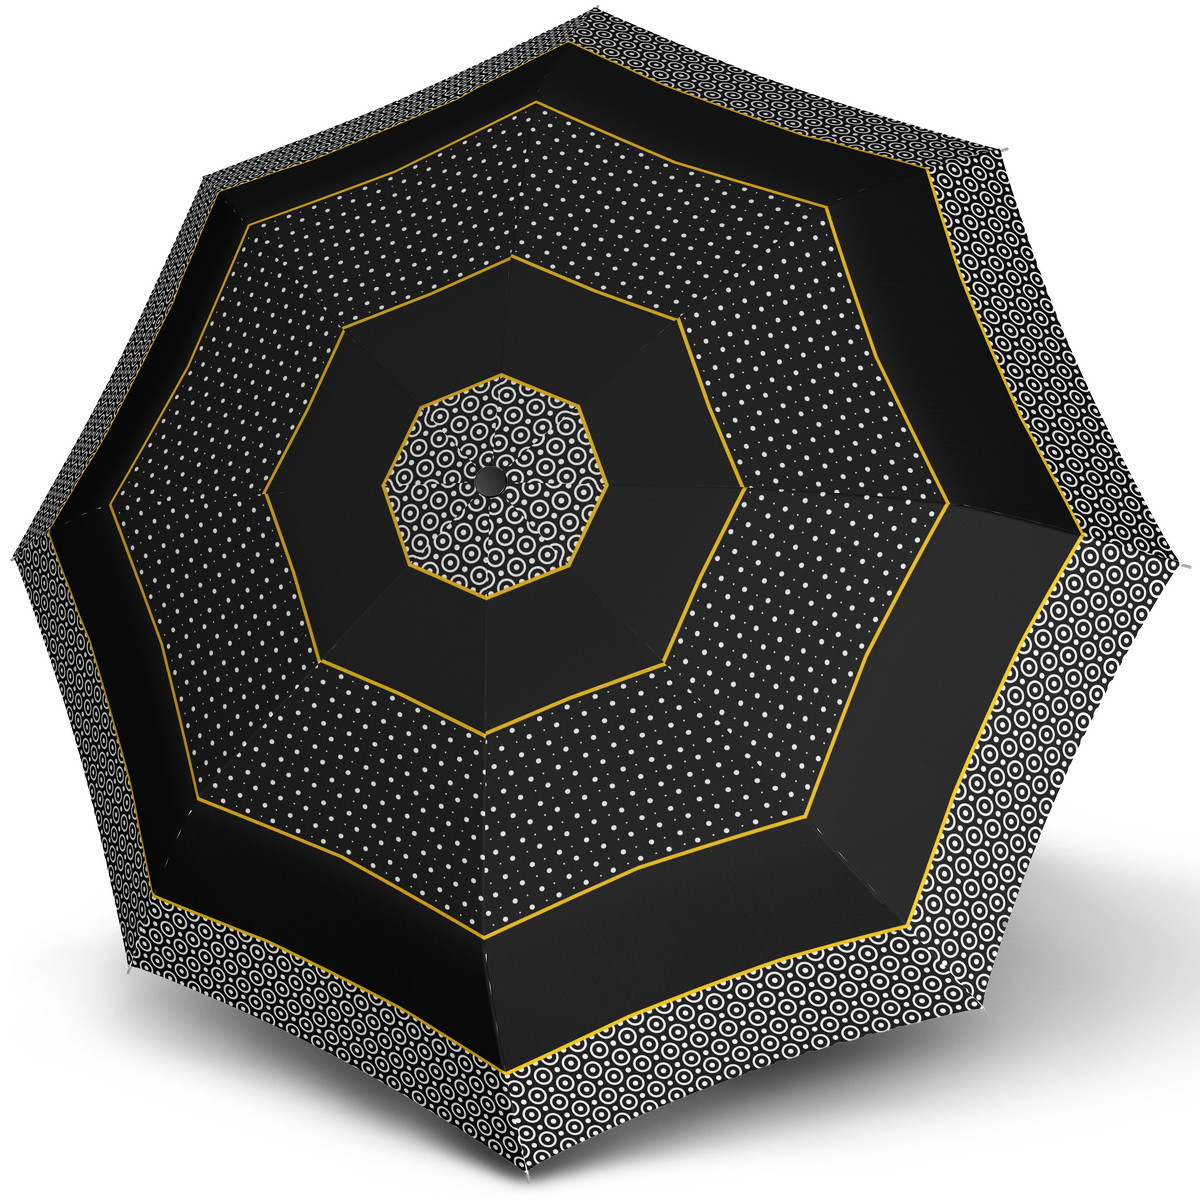 Зонт Doppler 744165PL-2 коллекция DERBY, Антиветер